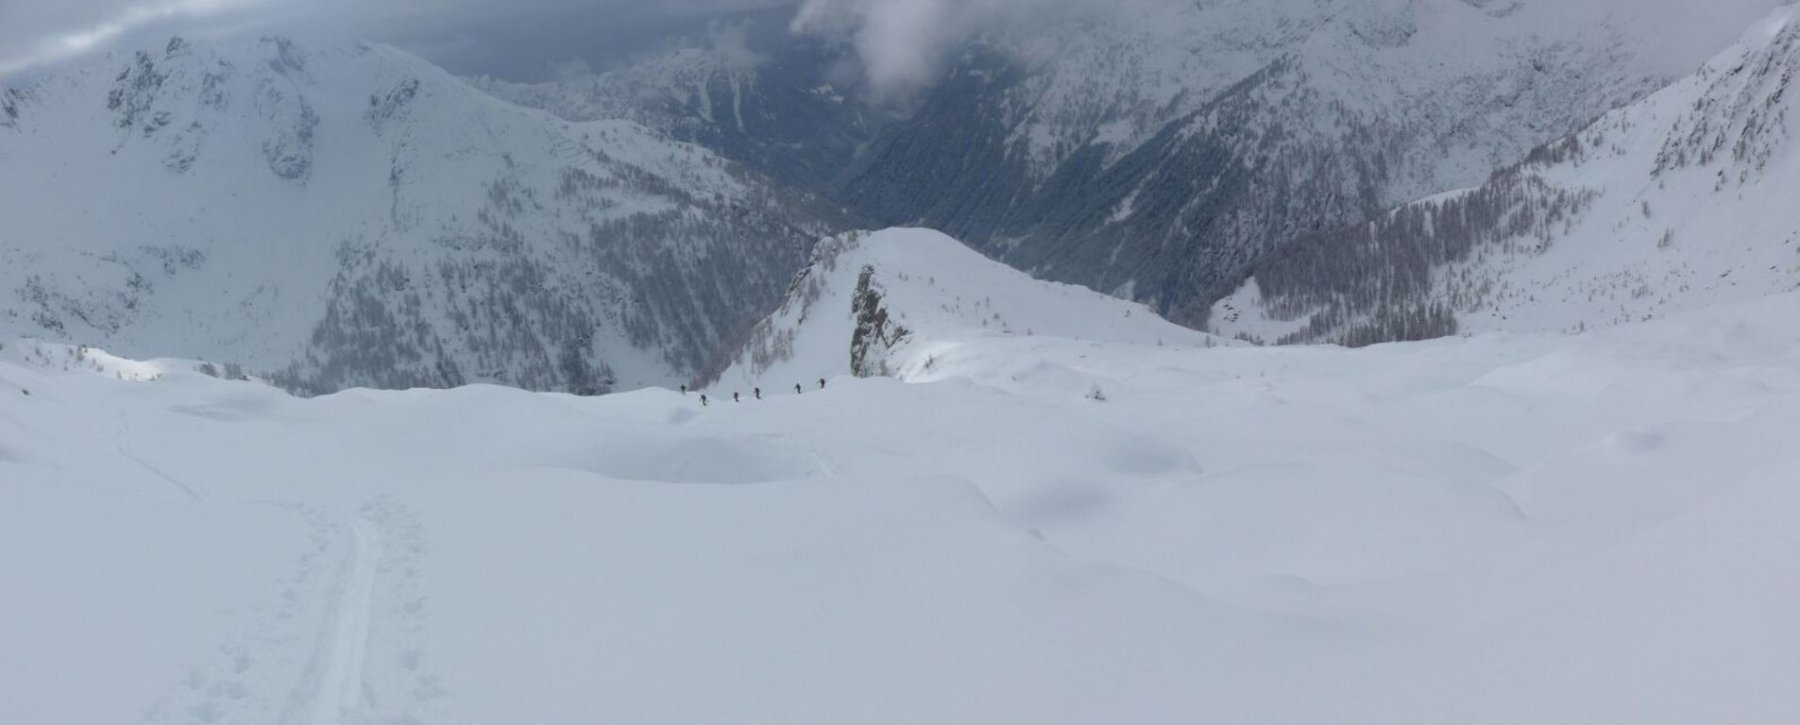 gruppo molto allungato sopra i 2000, con tanta neve così meglio salire a rate...